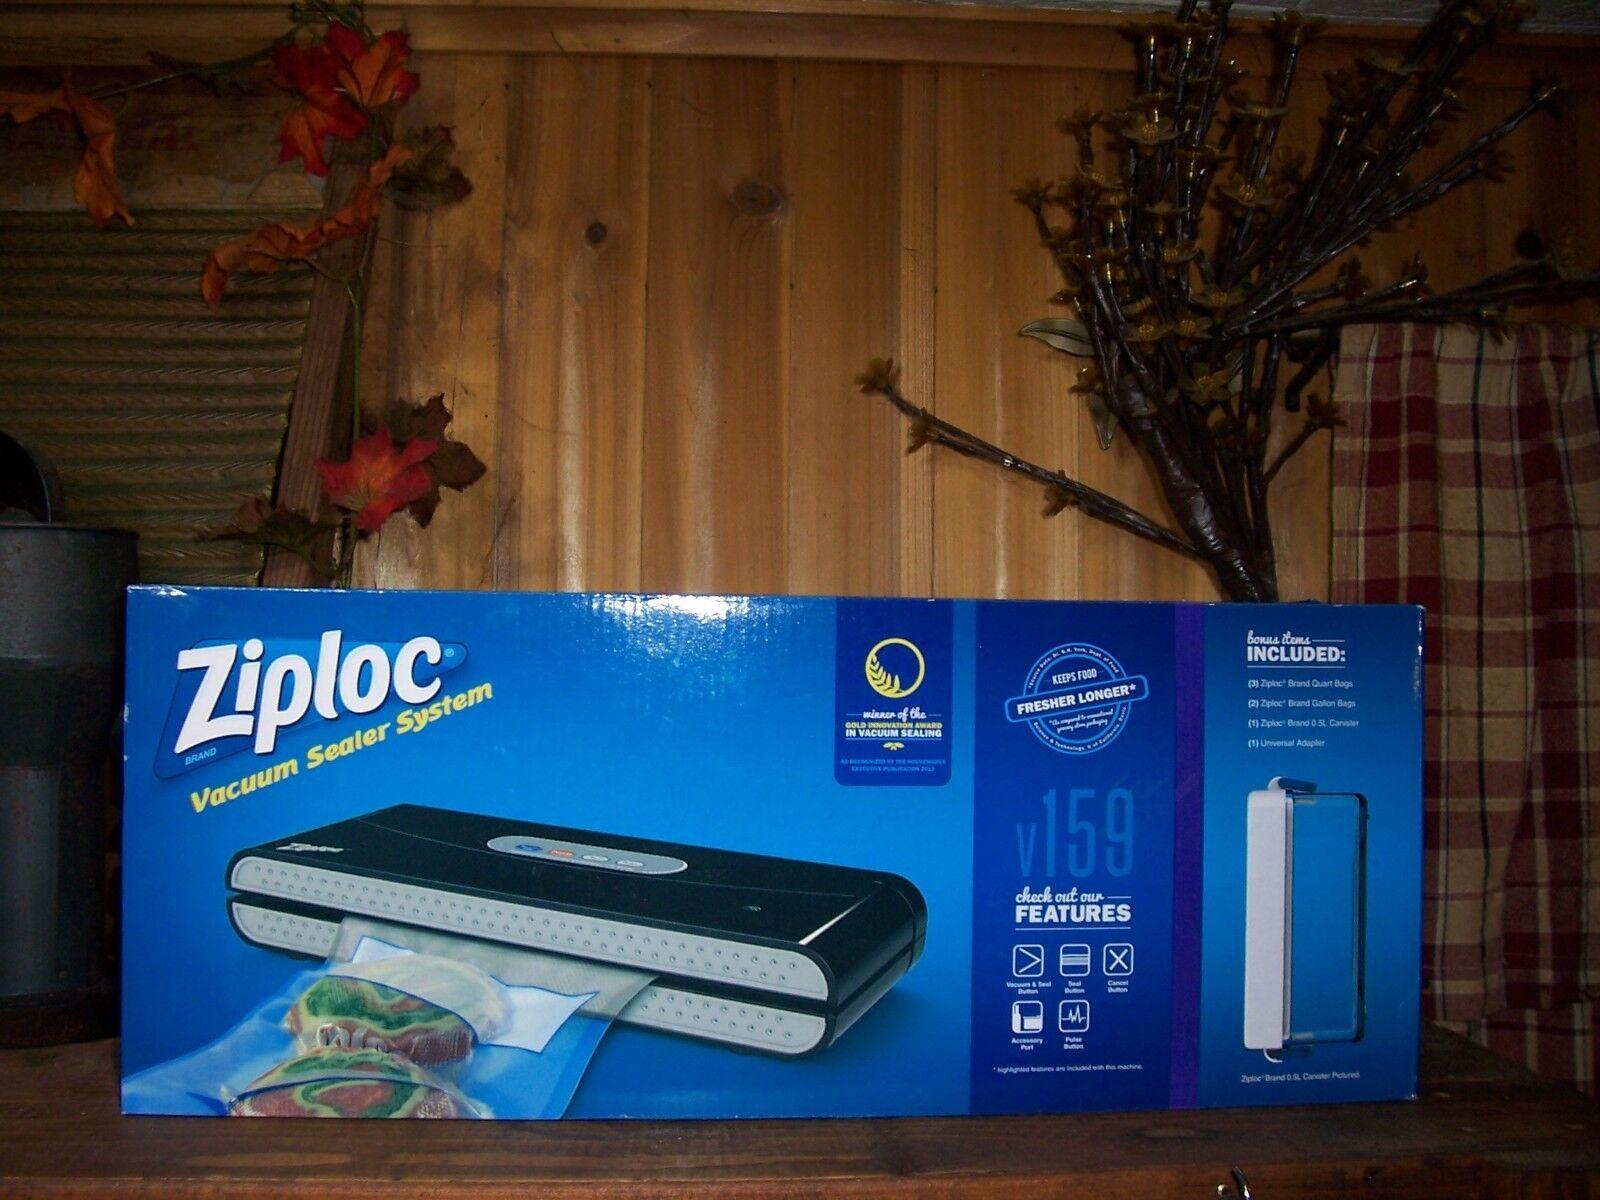 ZIPLOC scelleuse sous vide Système Avec Bonus objets accessoires de cuisine Food Saver NEUF